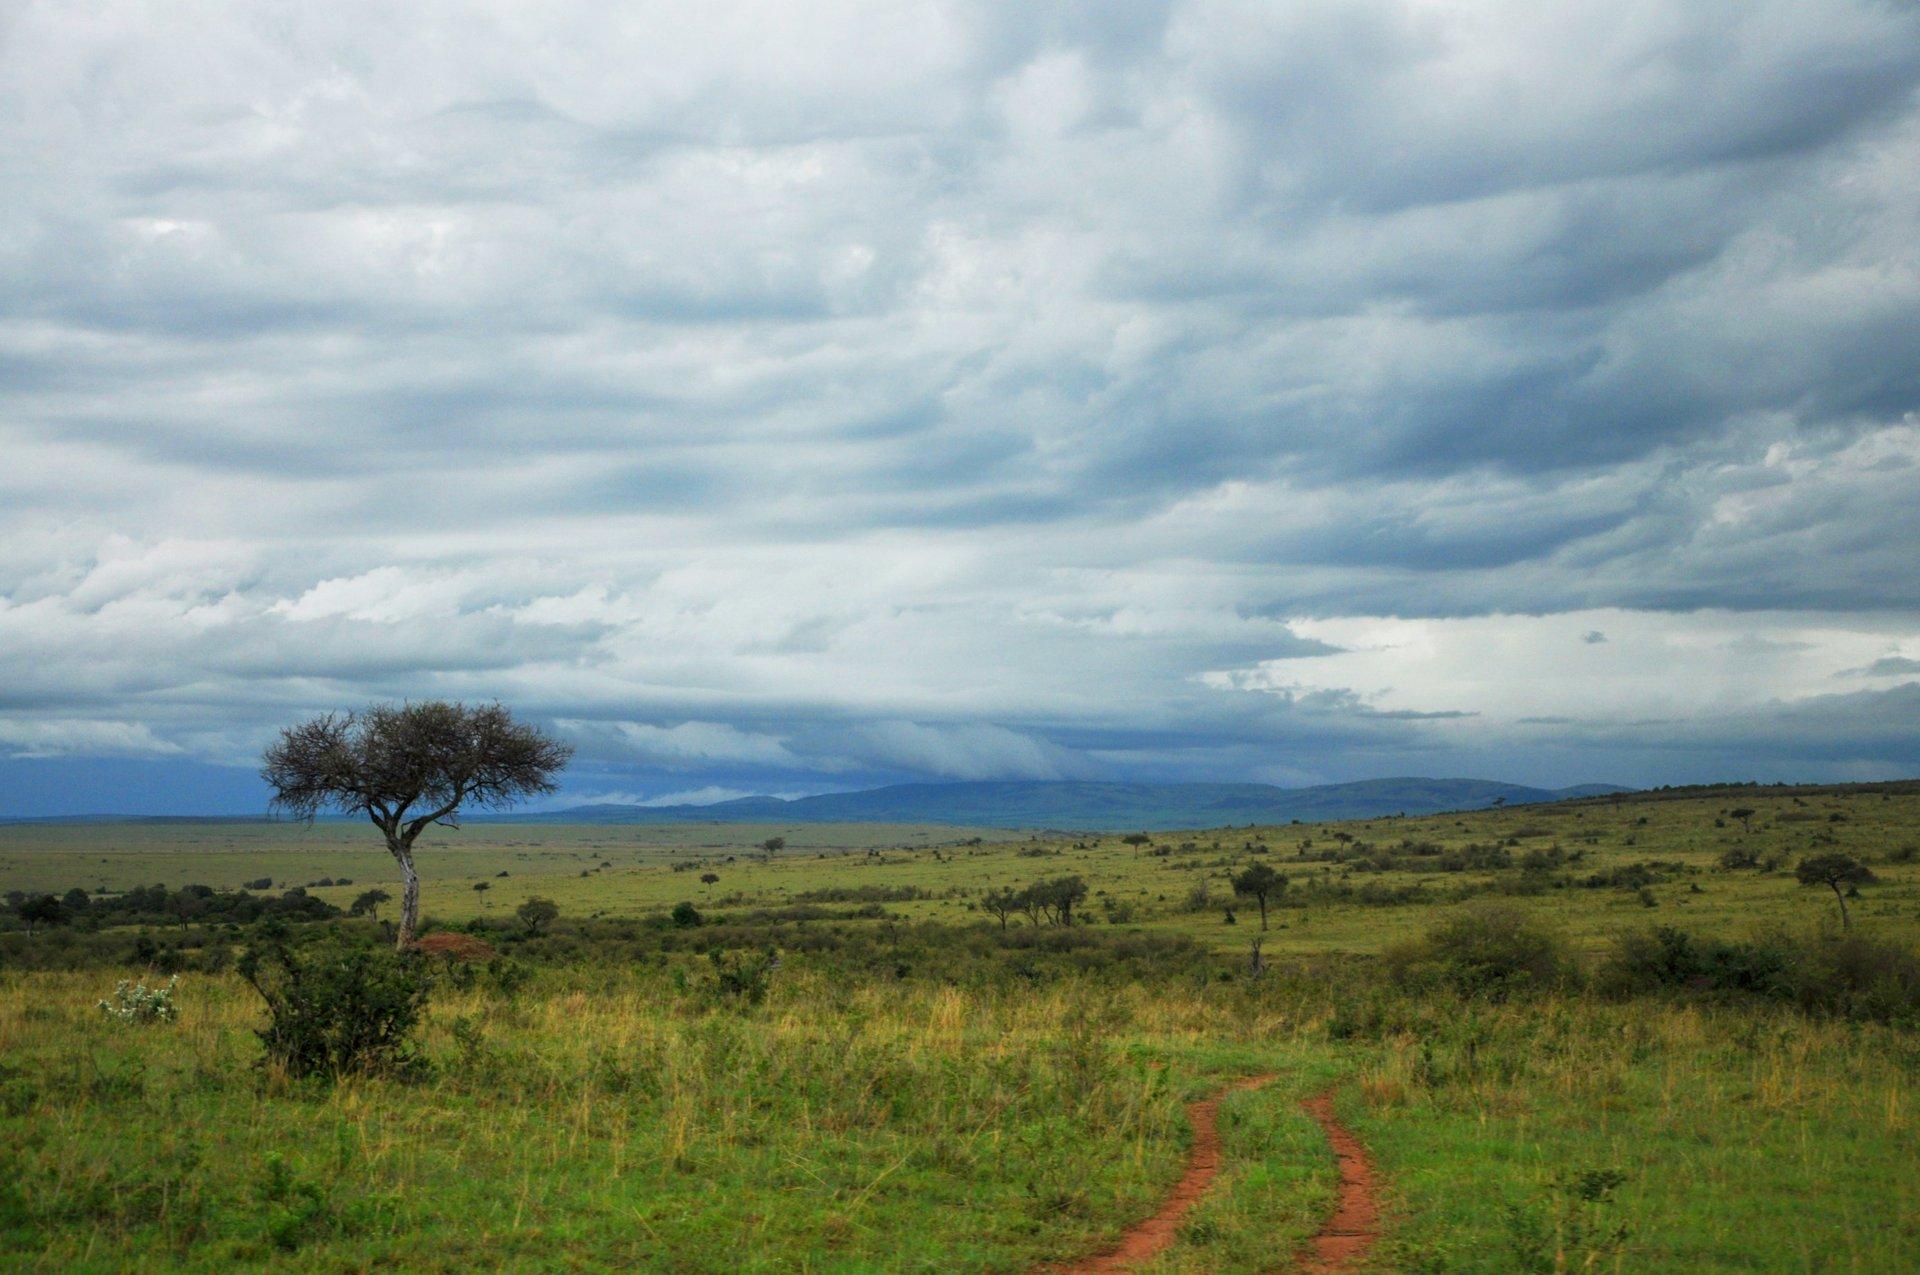 Wet Season in Kenya - Best Season 2020